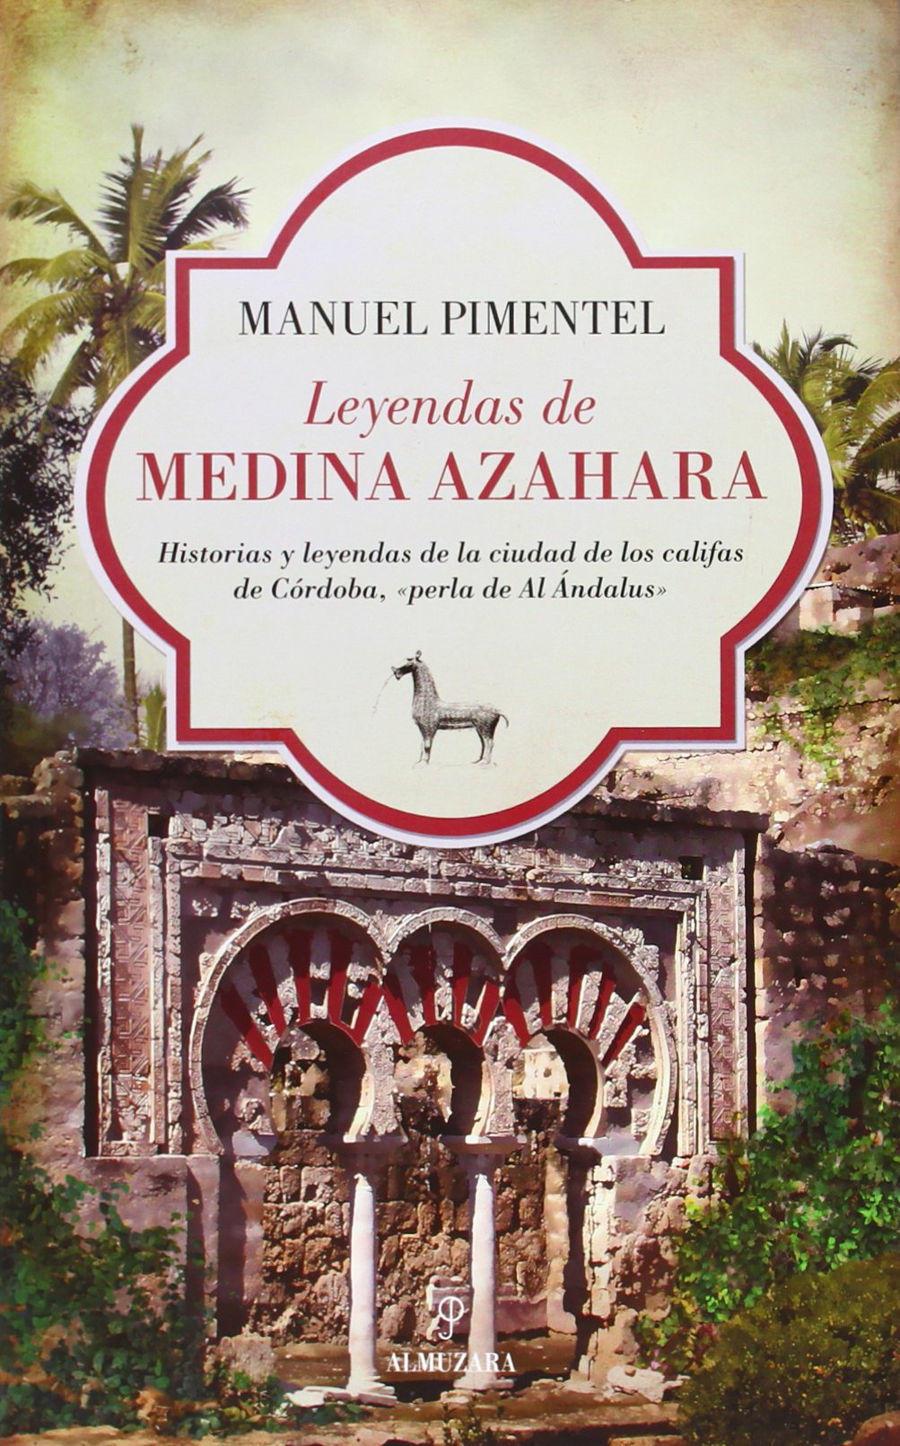 Leyendas de Medina Azahara: Historias y leyendas de la ciudad de los califas de Córdoba, «perla de Al Ándalus» Book Cover